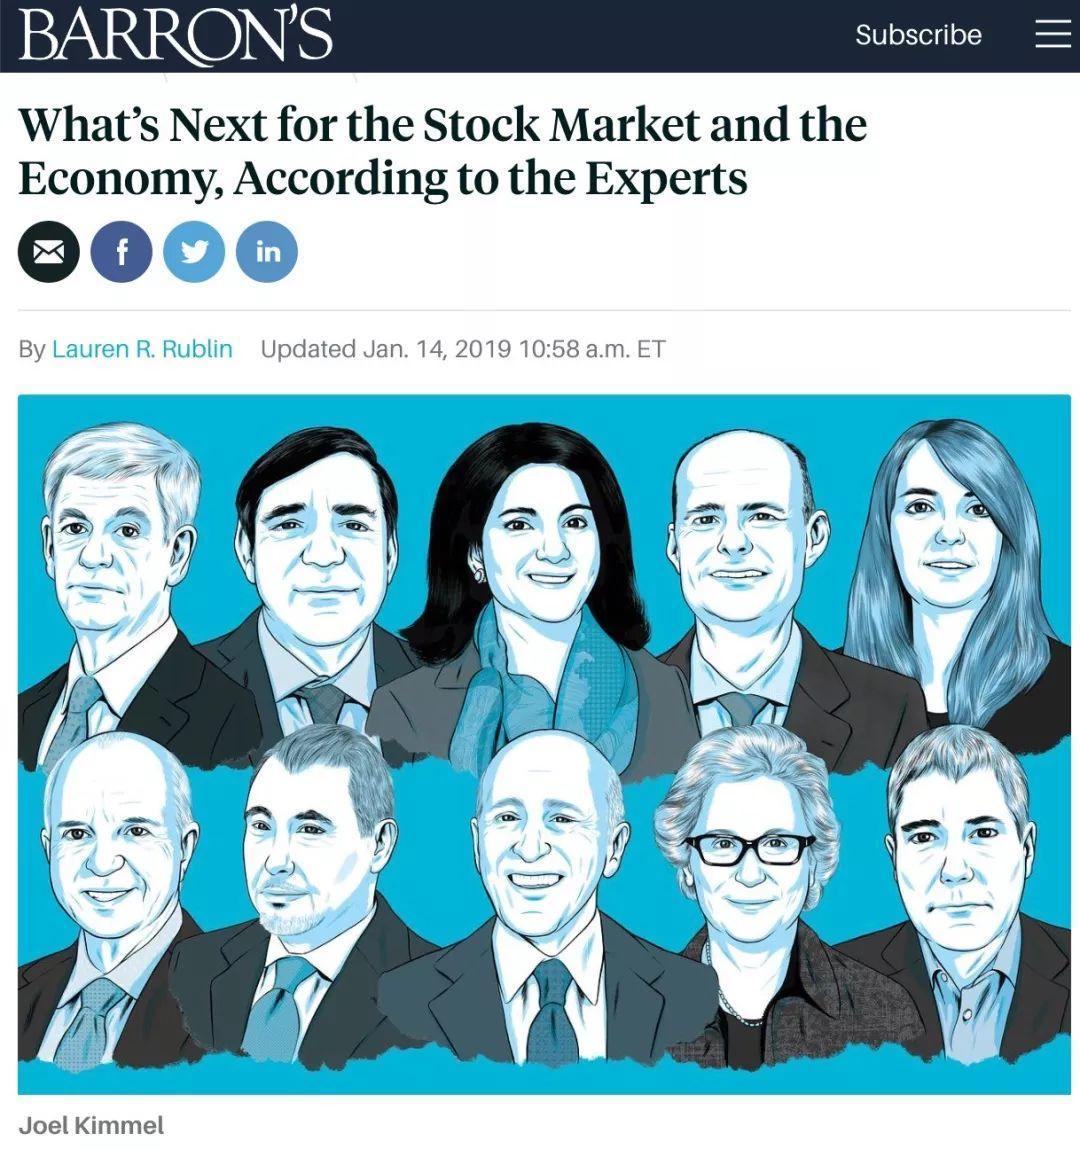 美国财经专业人士展望2019年投资前景